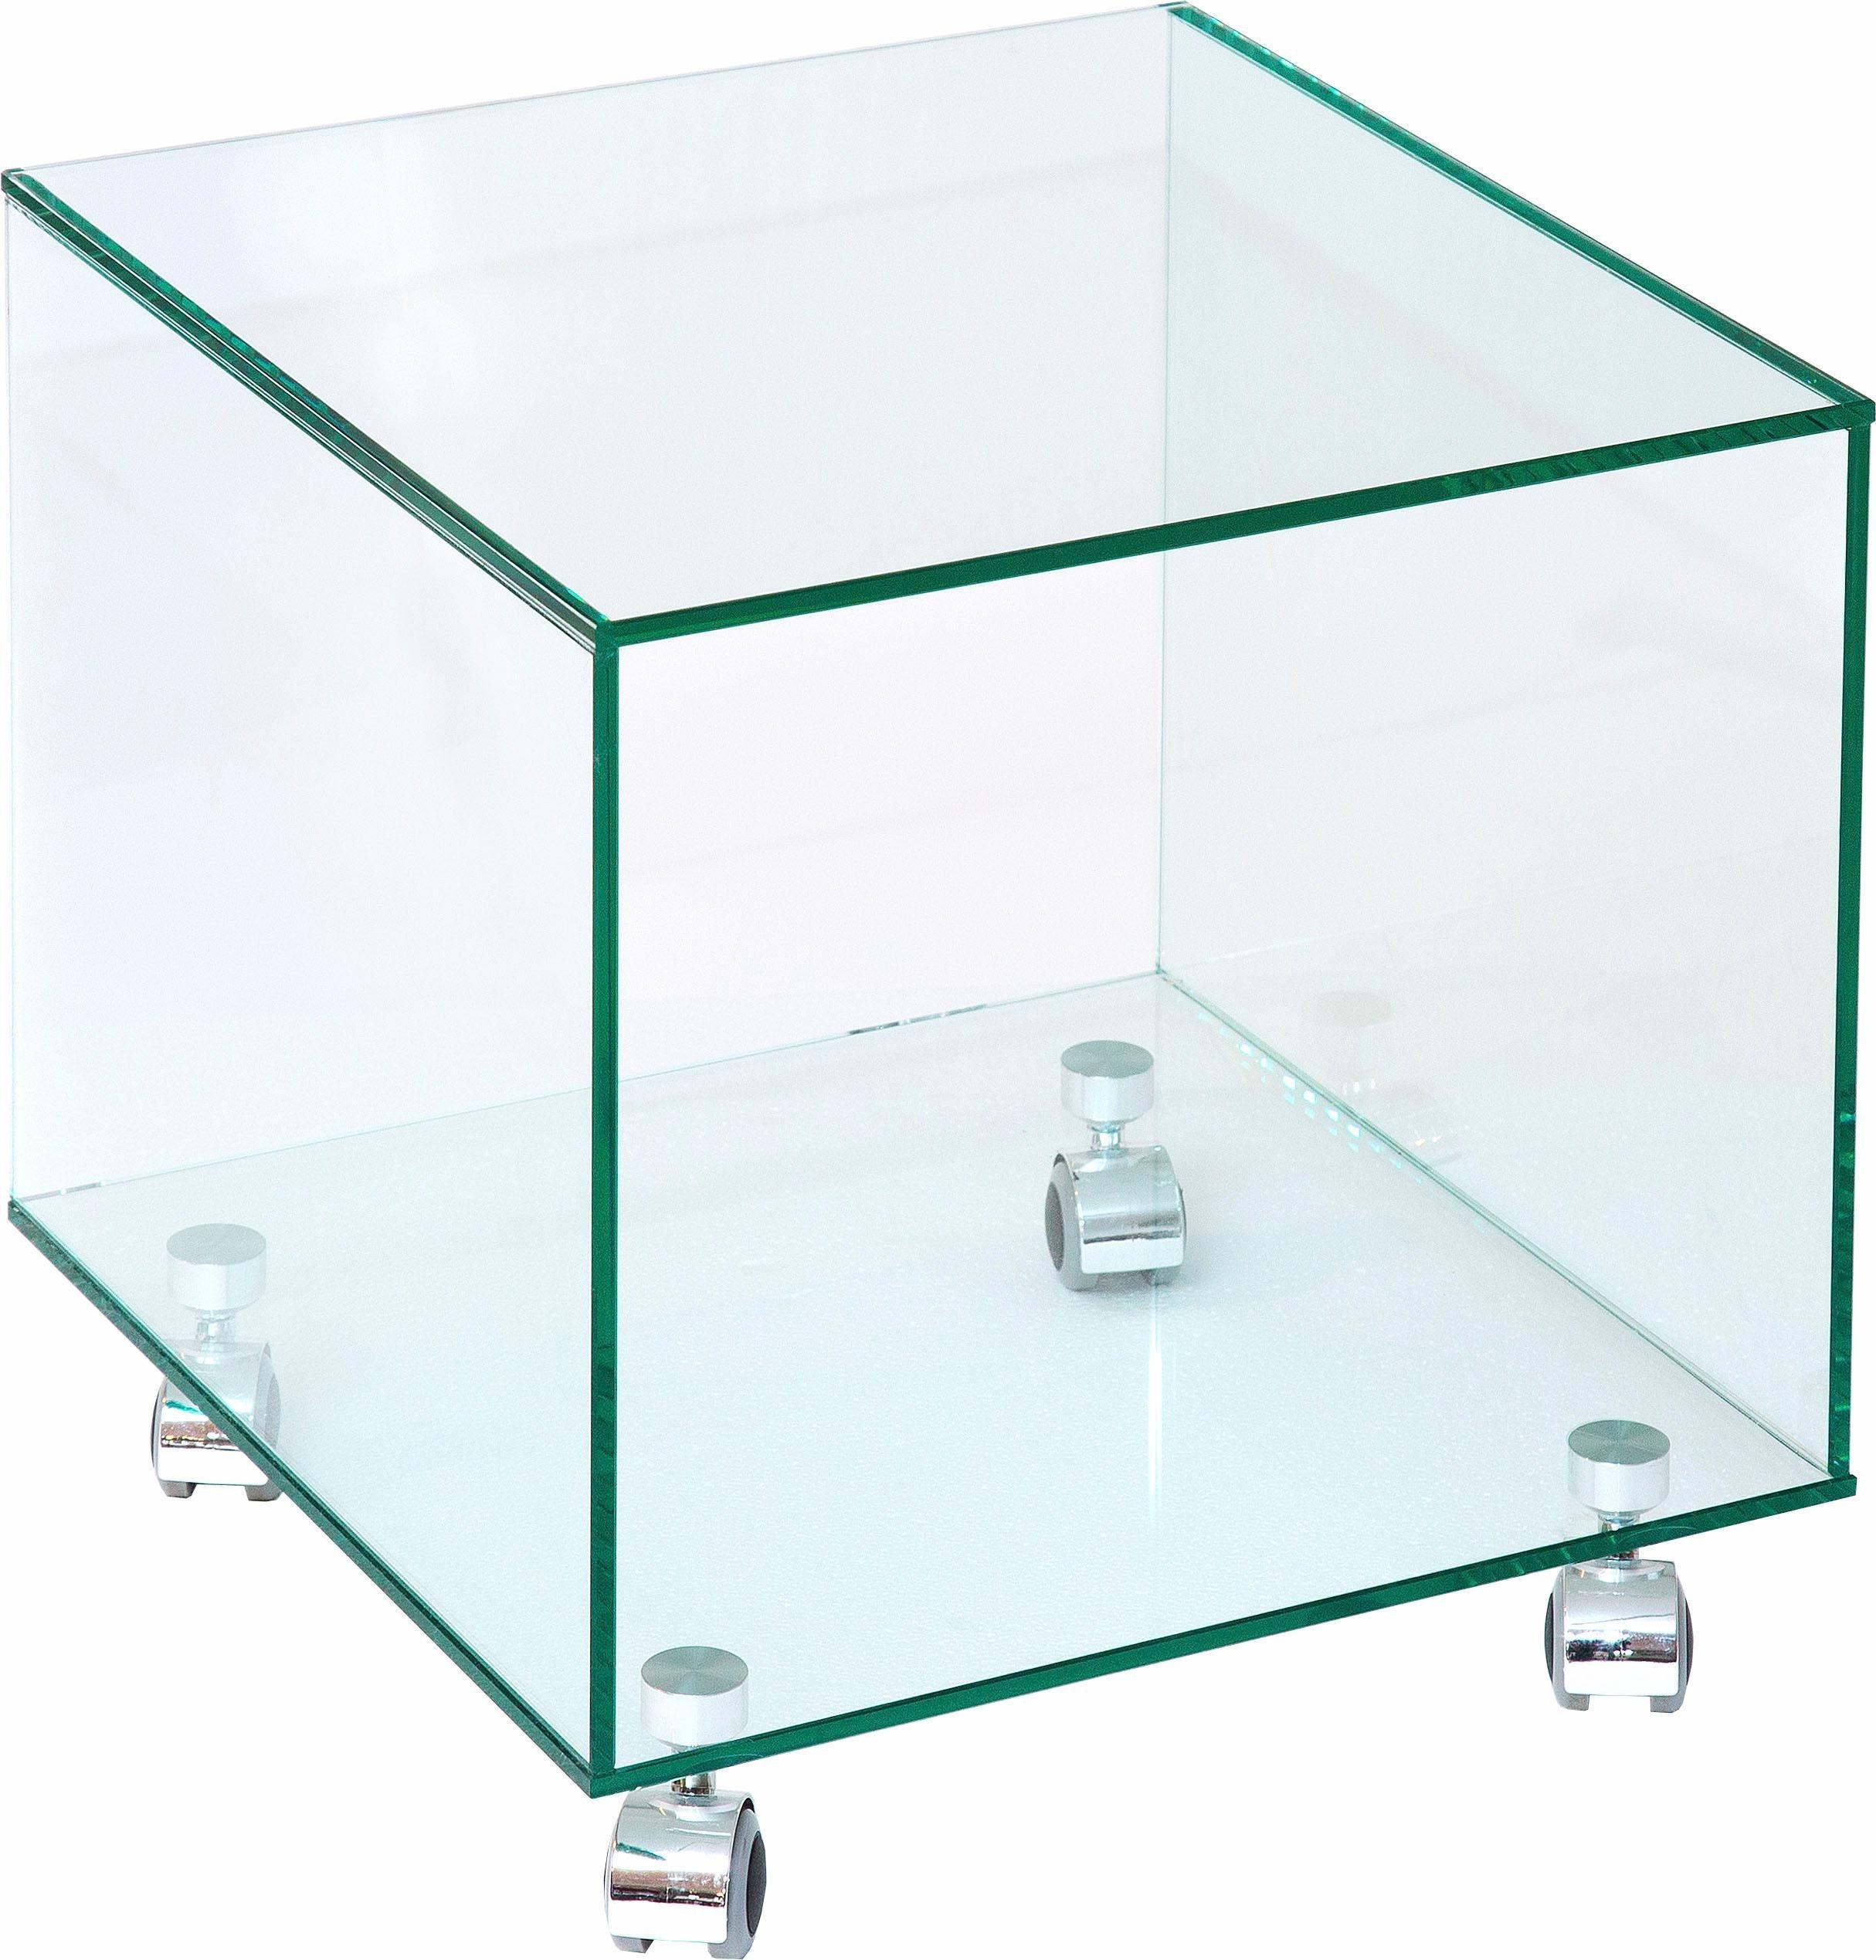 Couchtisch auf Rollen | Wohnzimmer > Tische > Couchtische | Klarglas